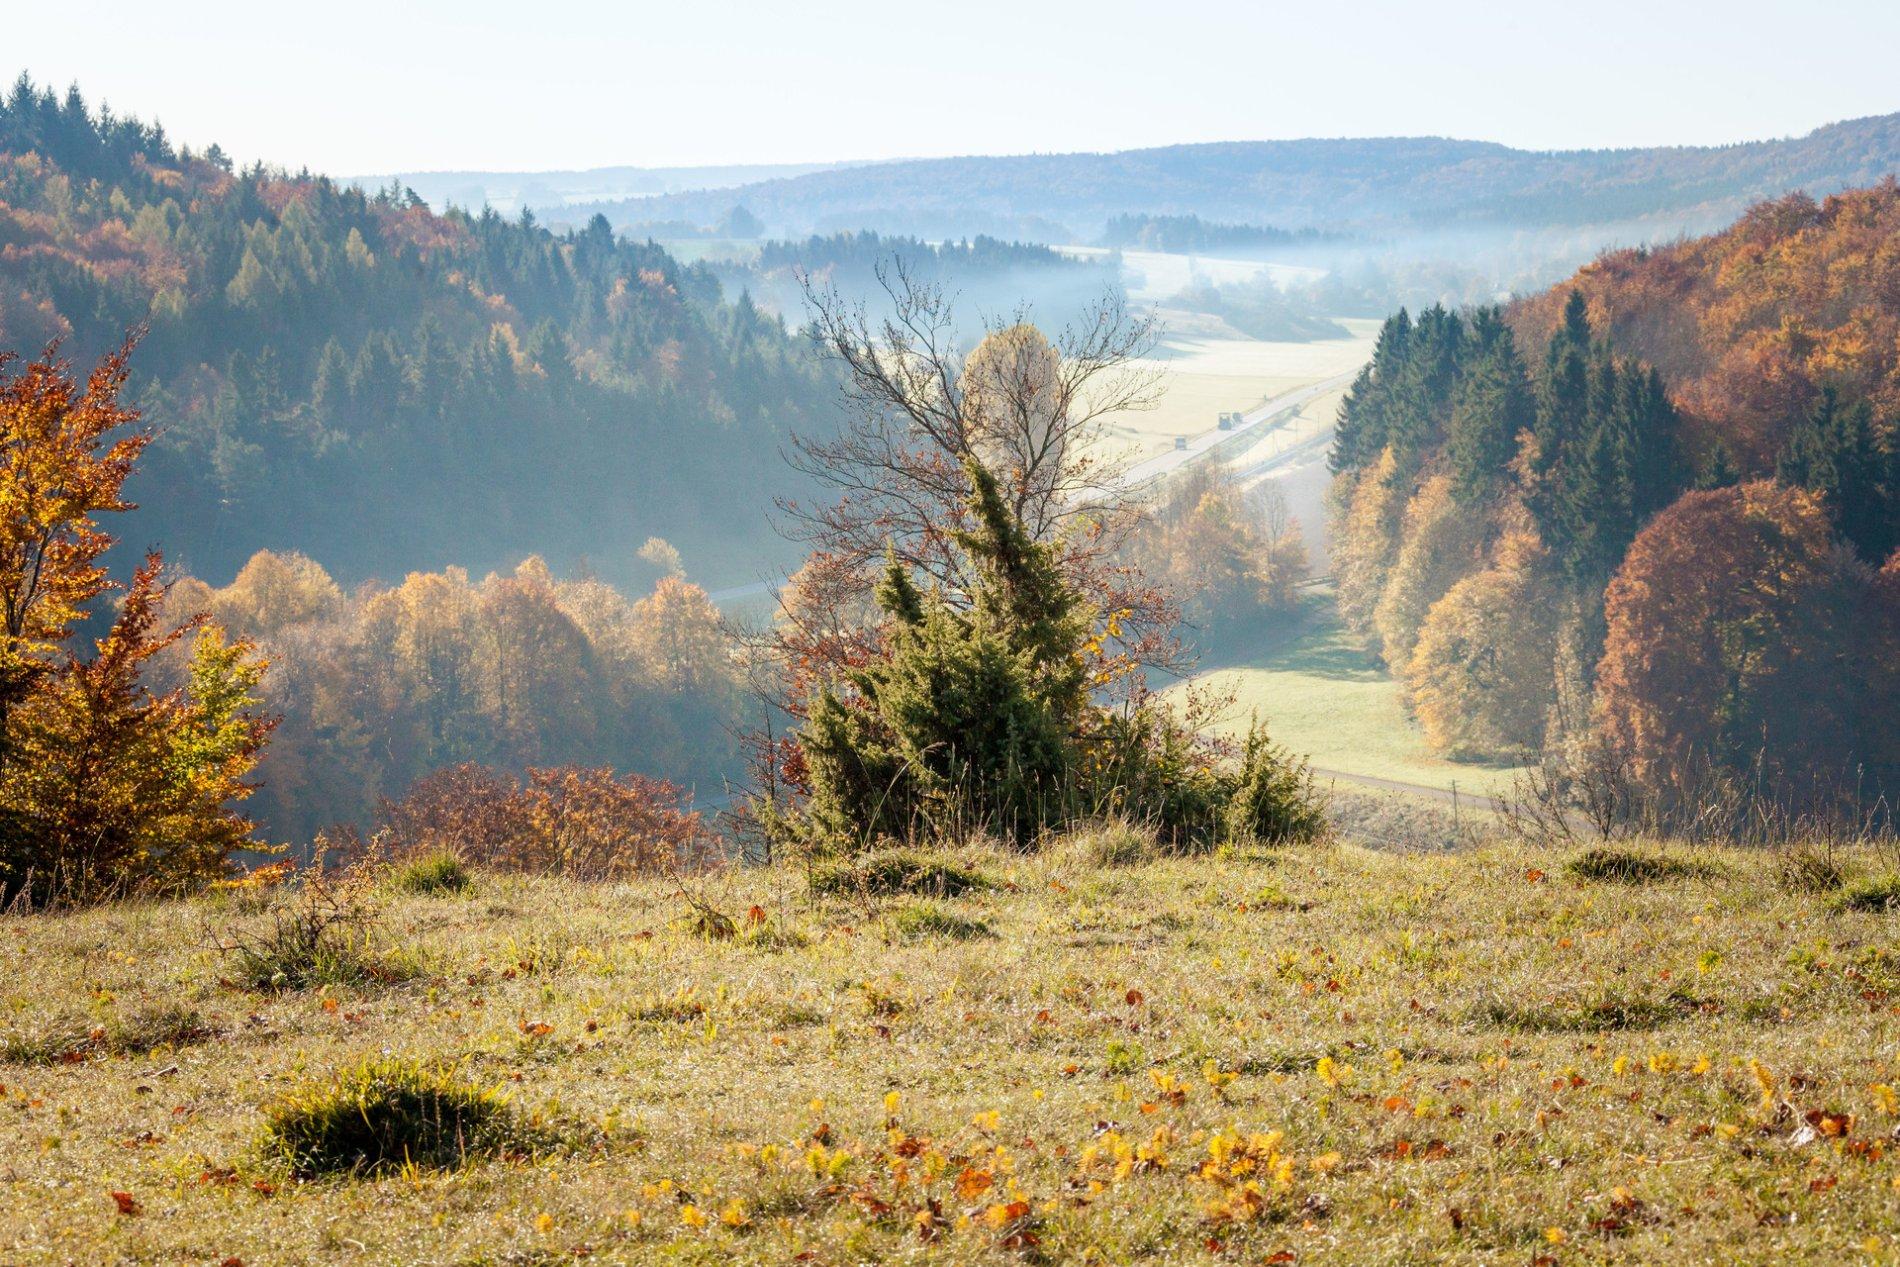 Eine Herbstlandschaft und der Ausblick von einem Hügel über ein Tal in dem leichte Nebelschwaden hängen und eine Straße ist. Links und rechts und in der Ferne ist der bunte Herbstwald. Es ist sonnig.